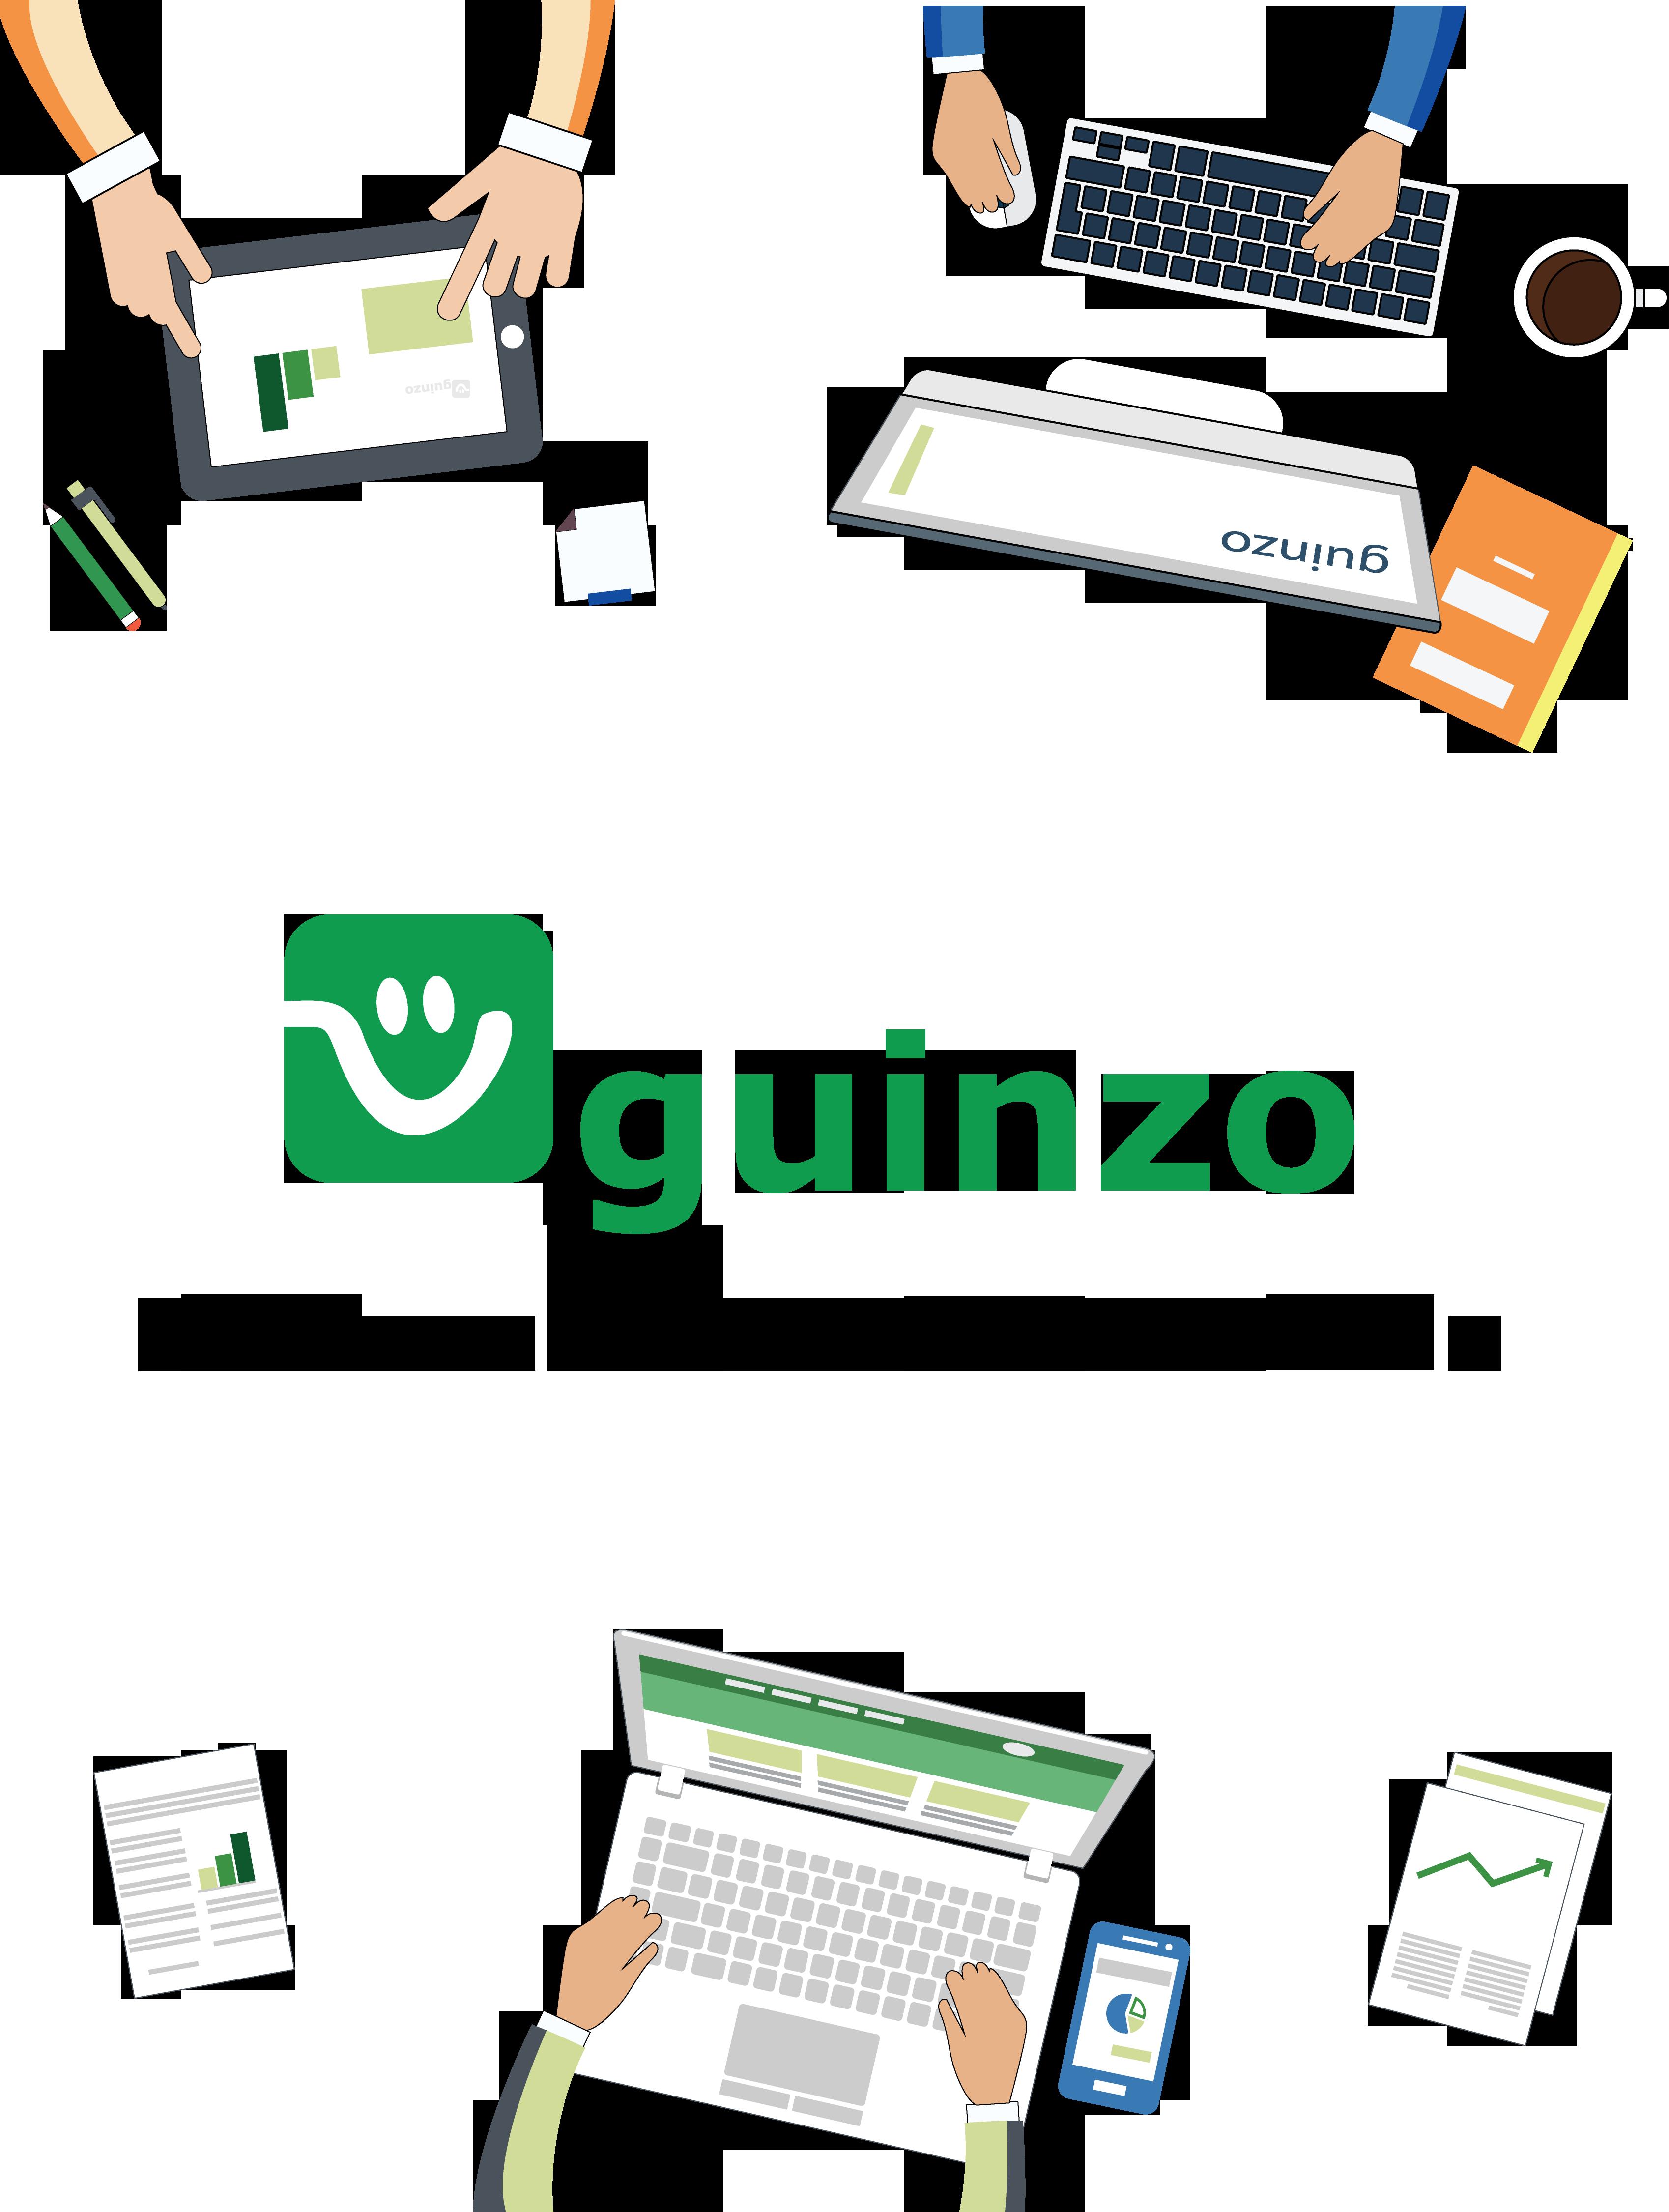 Tela Inicial Guinzo com representação de computadores com telas com os sistemas